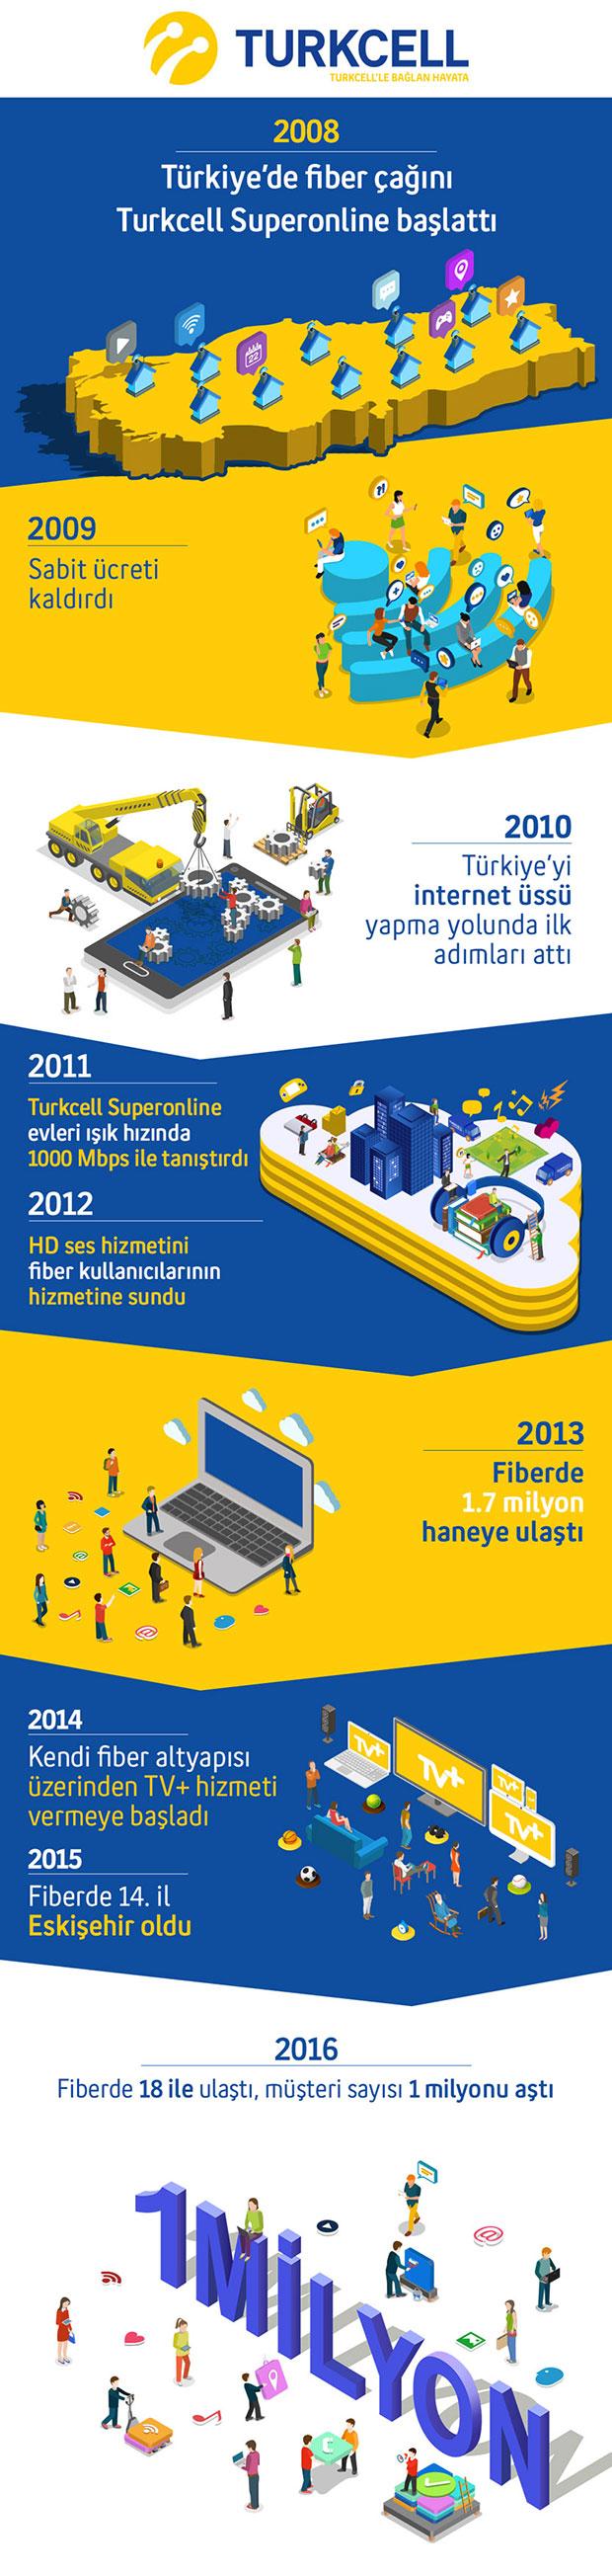 infografik-turkcell-2016kasim